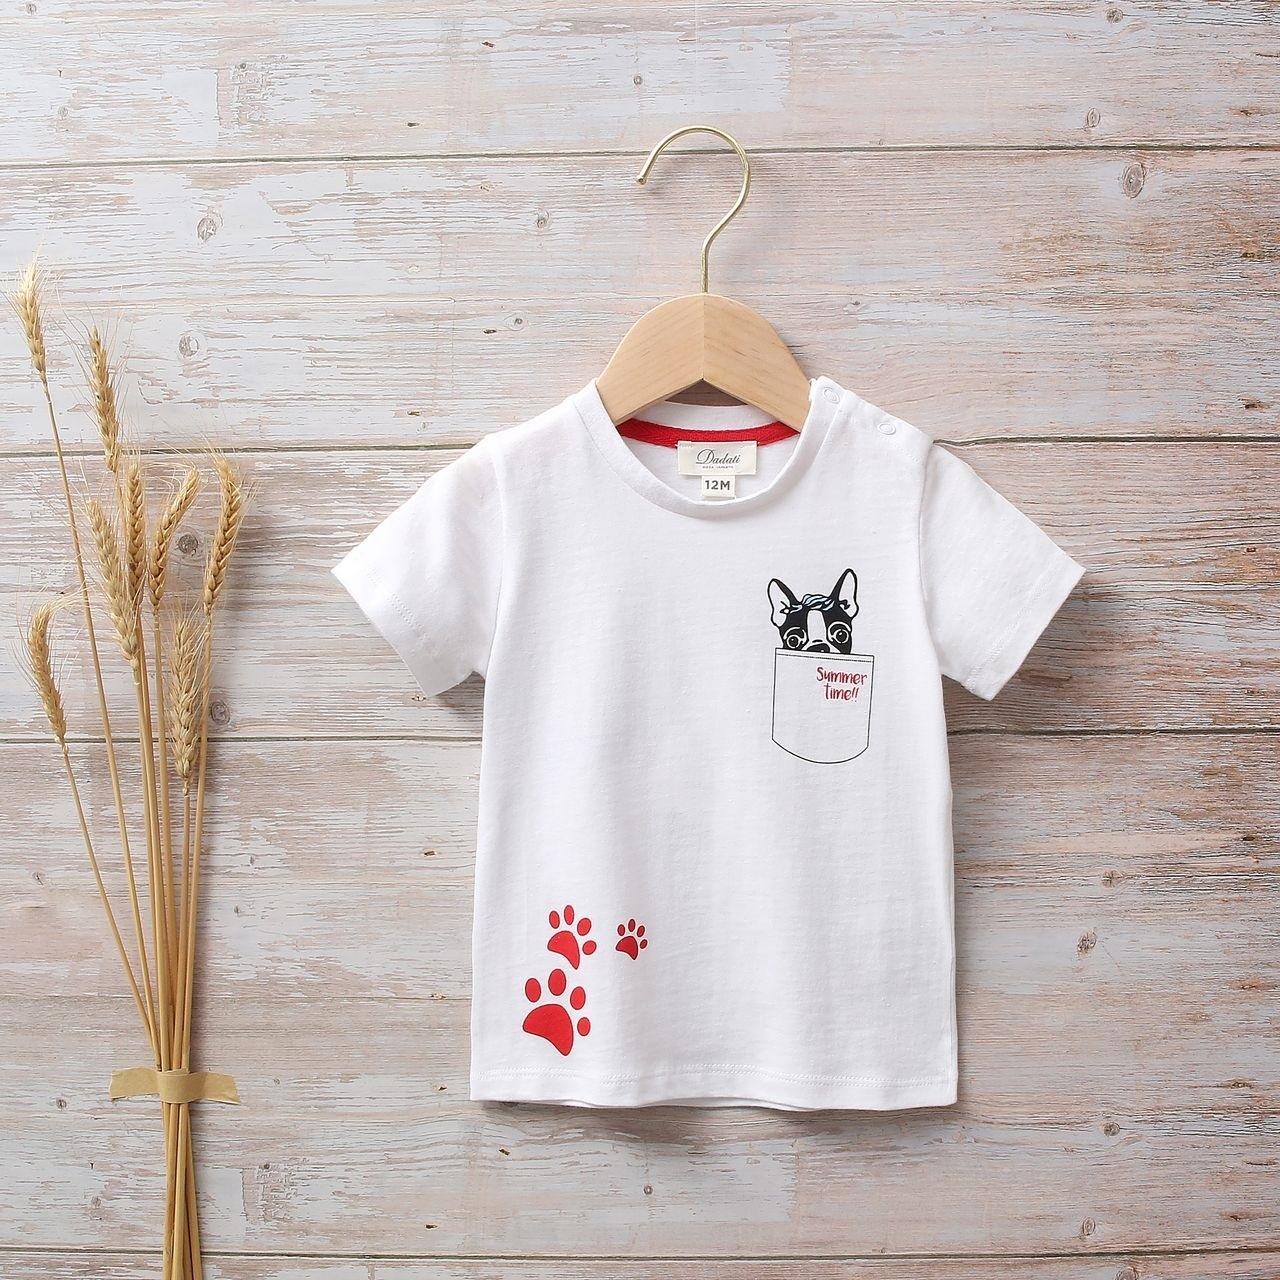 Imagen de Camiseta bebé blanca con estampado de perritos y huellas